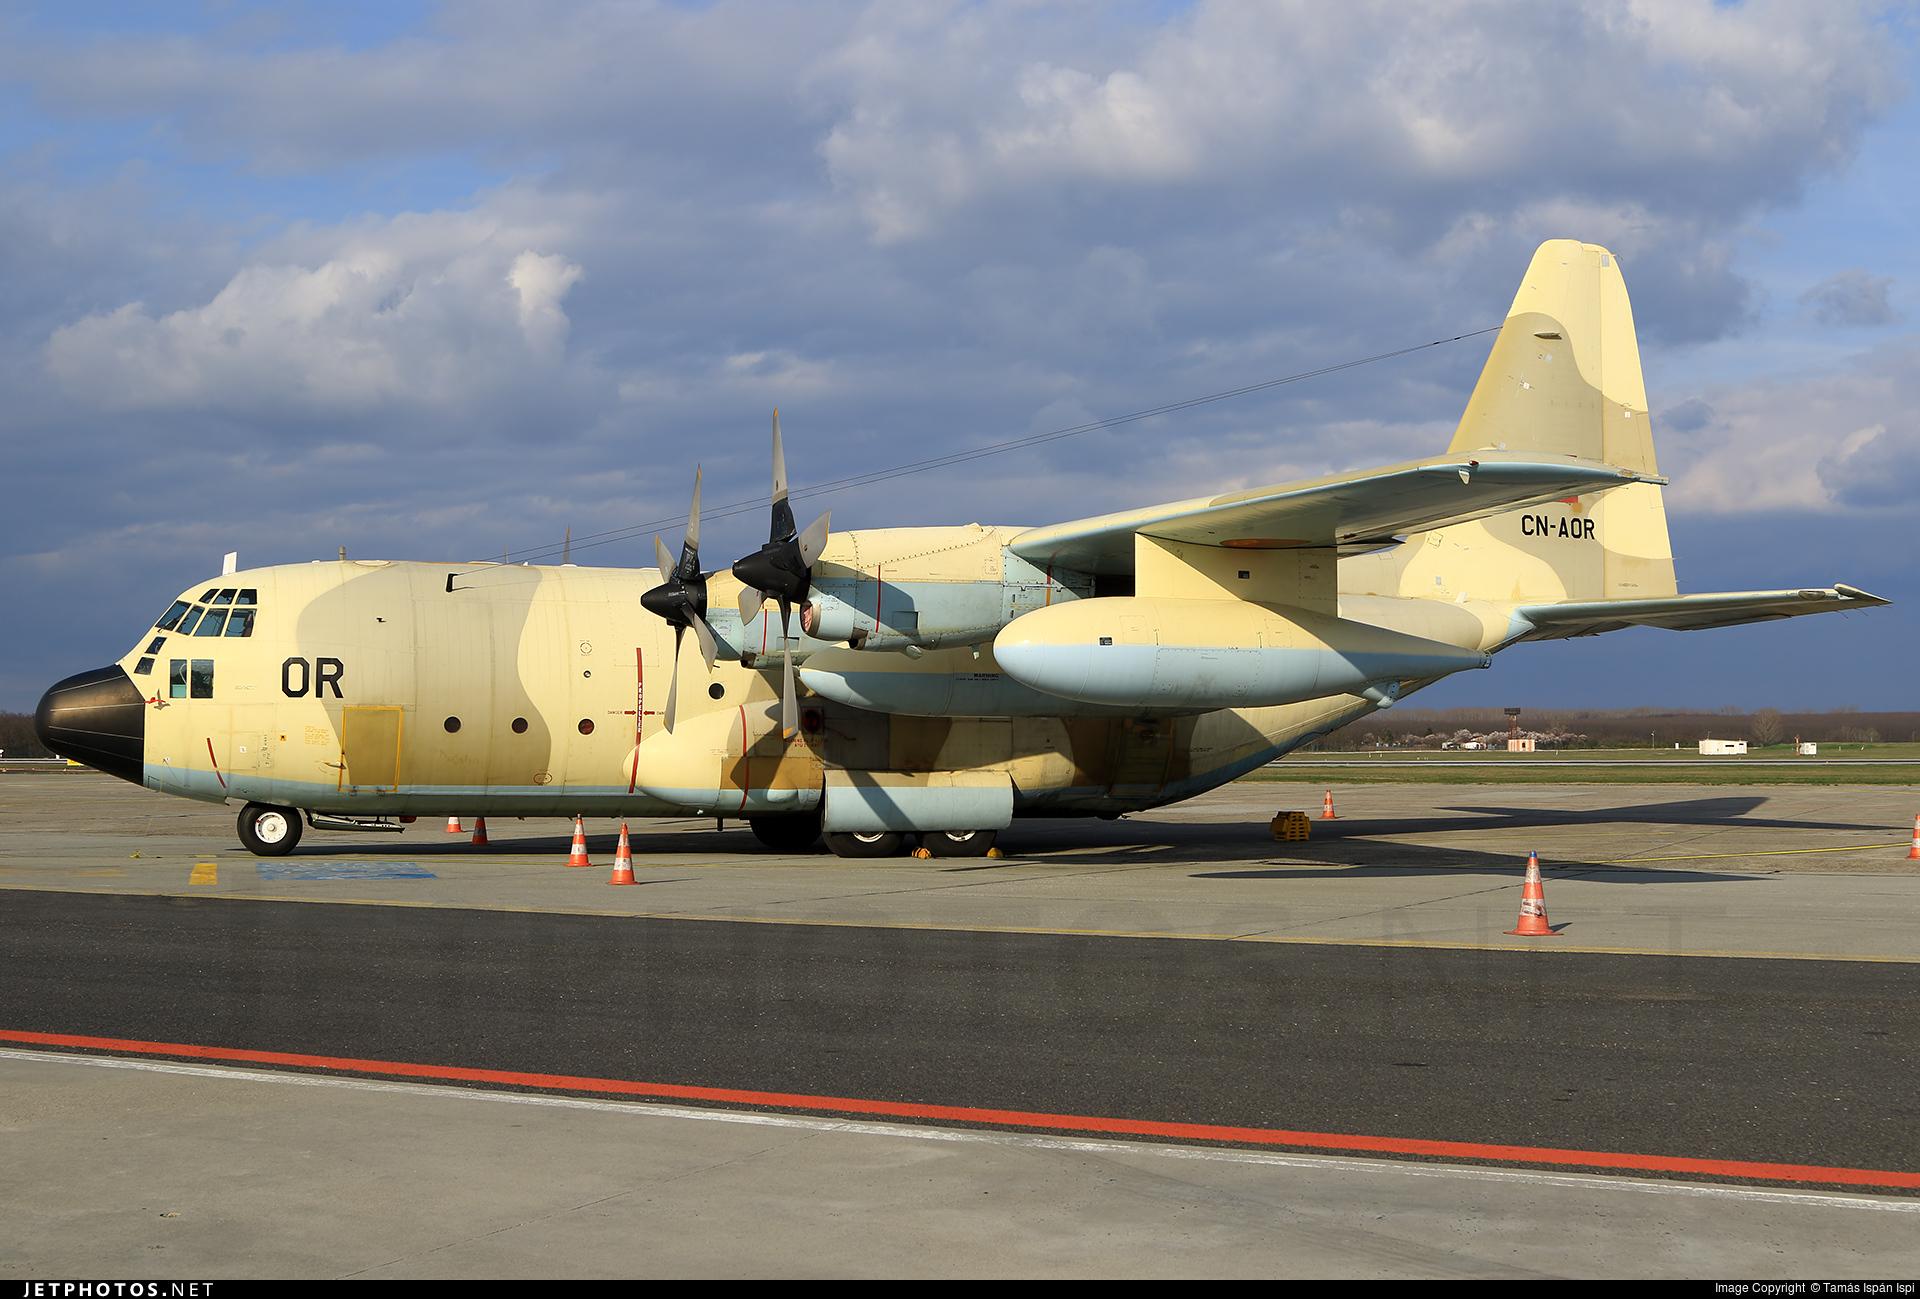 FRA: Photos d'avions de transport - Page 27 160403045913900732